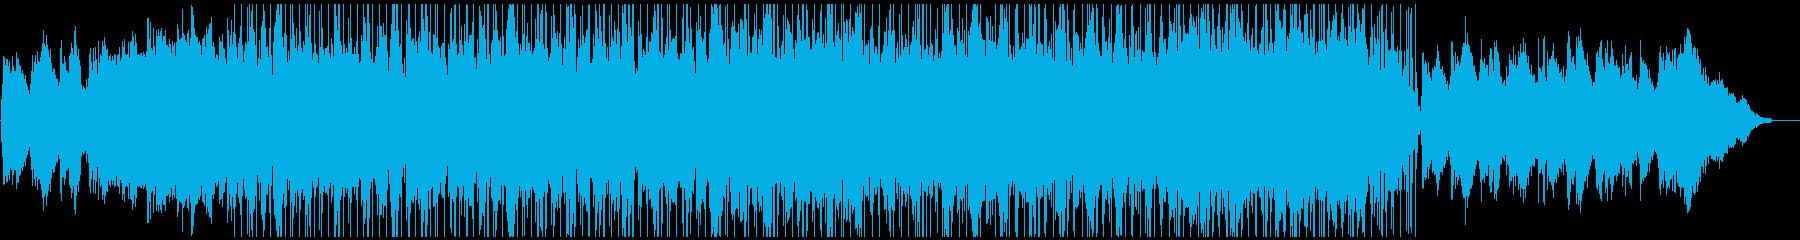 癒されるまったりとしたチル・ヒップホップの再生済みの波形